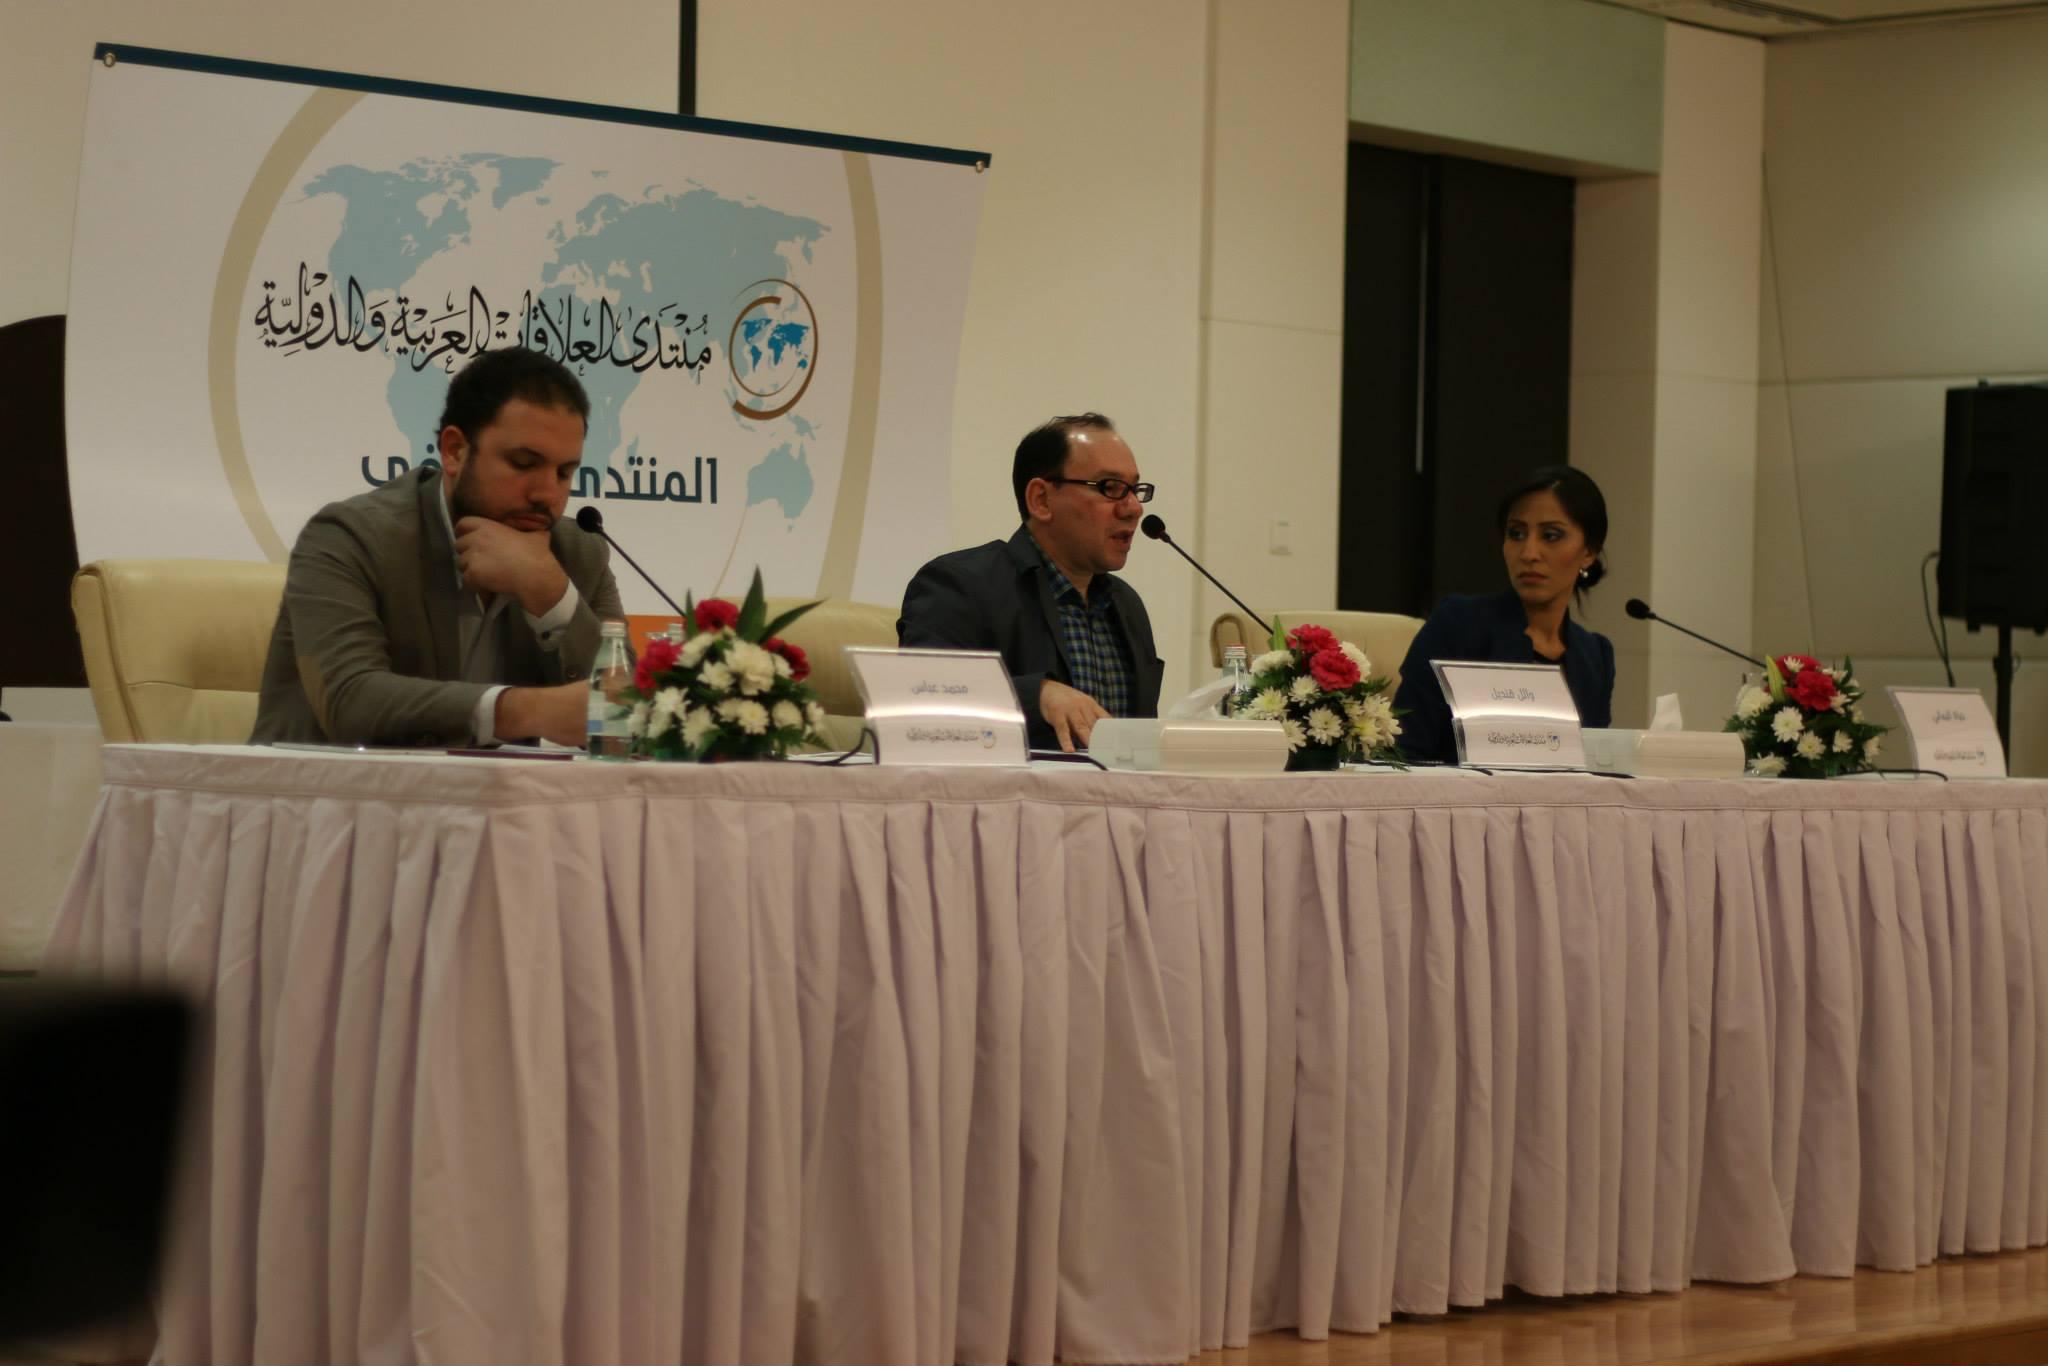 ندوة «مصر وثورة يناير إلى أين؟ قراءة الواقع واستشراف المستقبل»